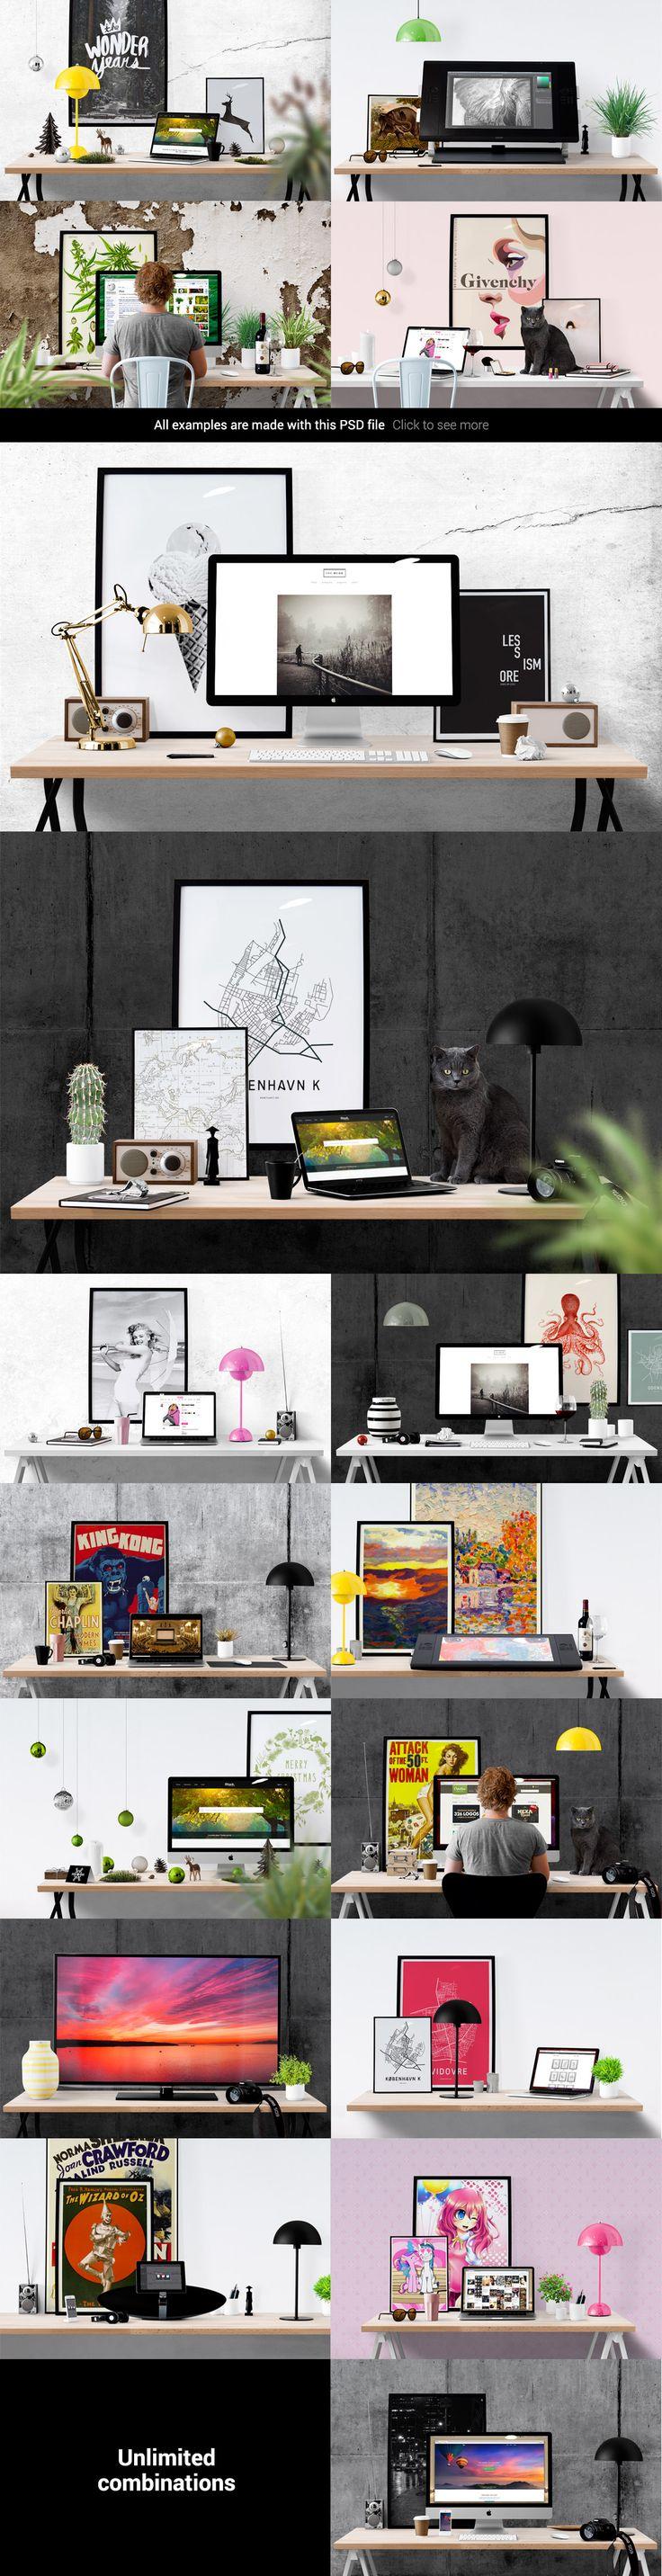 107 best Mockup images on Pinterest | Desks, Miniatures and Mockup